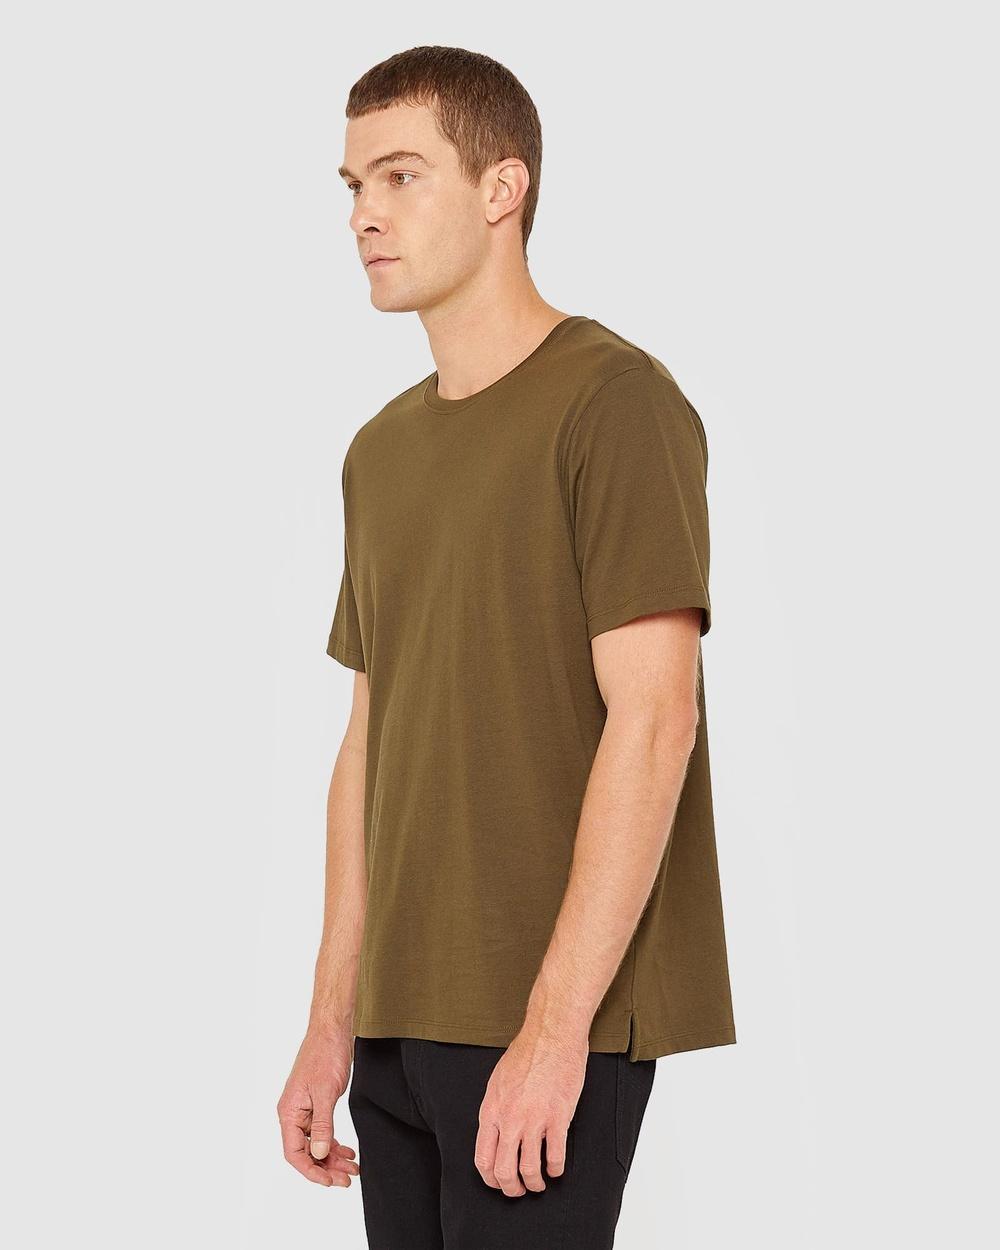 Jag - Organic Split Tee - T-Shirts & Singlets (Khaki) Organic Split Tee